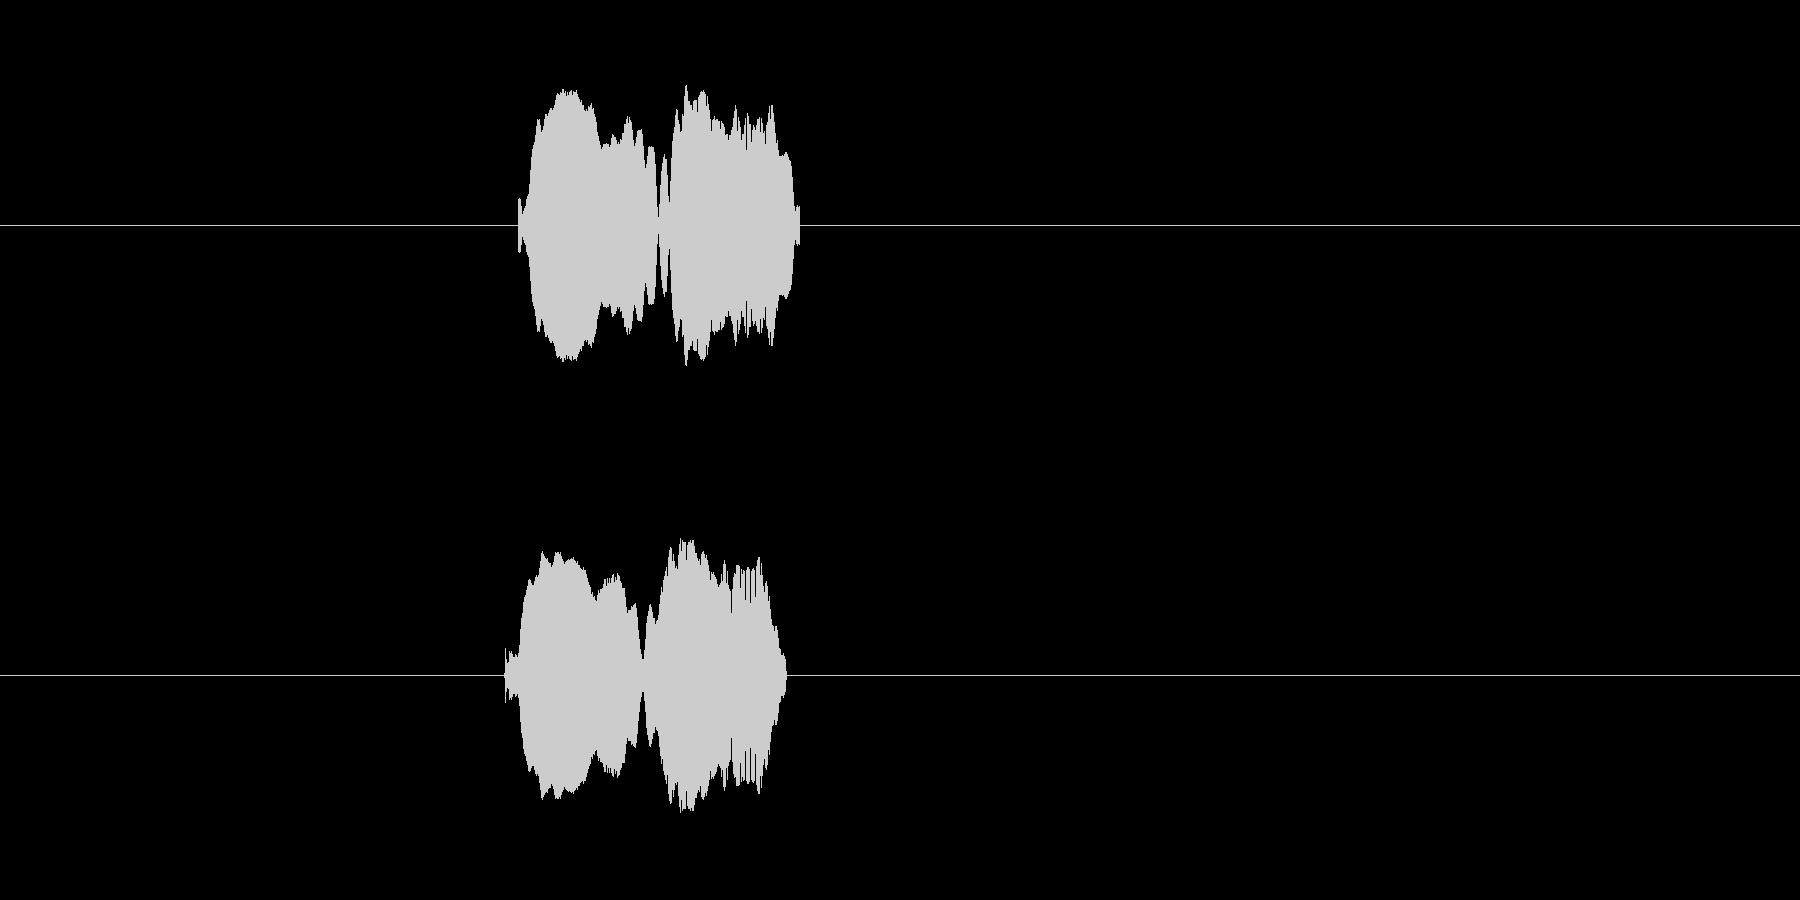 ピィロ(悲鳴)の未再生の波形